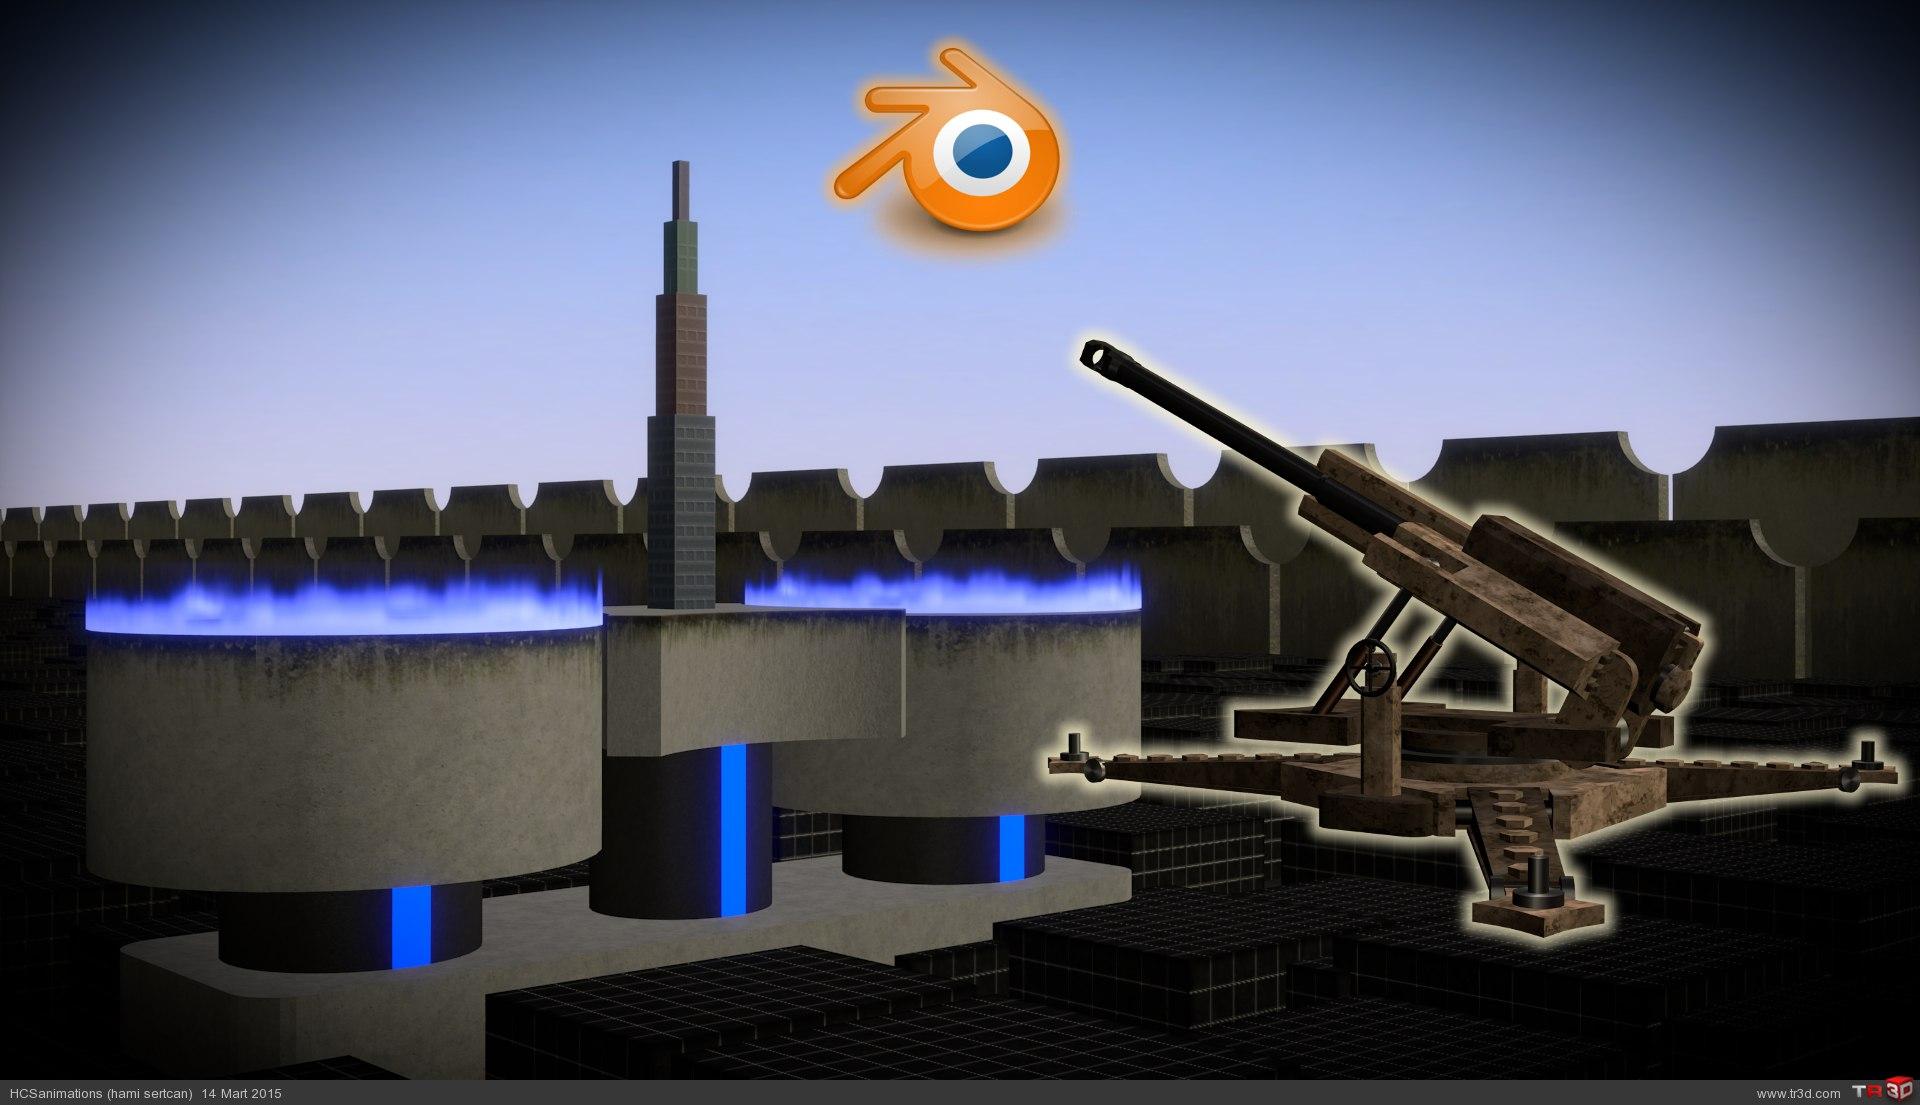 Bilgisayar Oyunu Projesi 3. Aşama